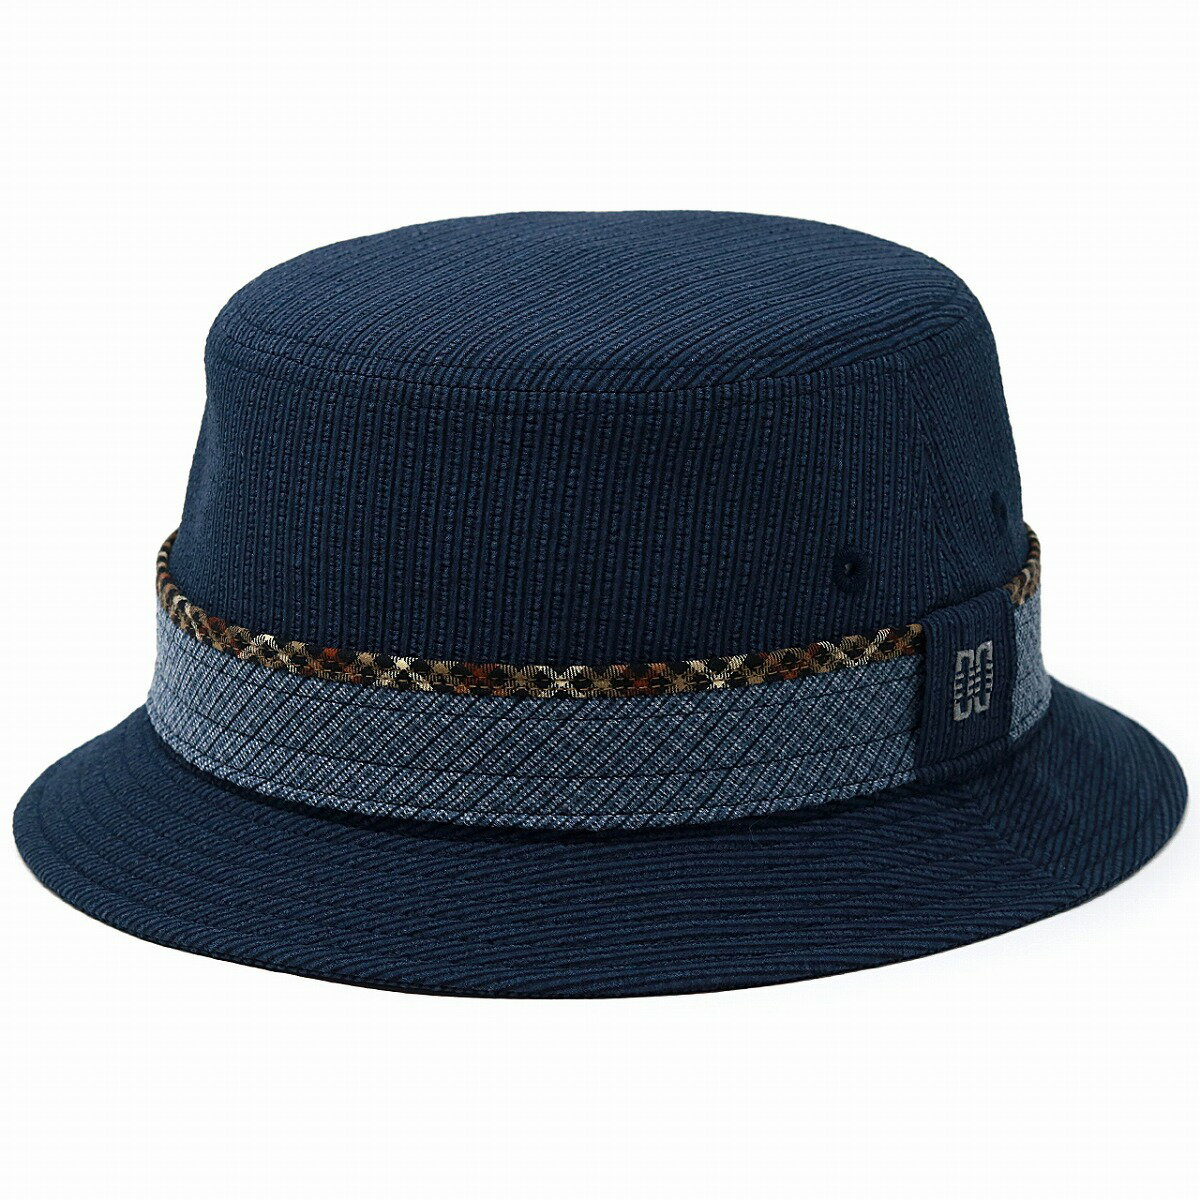 サファリハット メンズ ダックス サハリハット サッカー生地 ストライプ 通気性の良い daks 春夏 帽子 メンズ DAKS メッシュ 涼しい 日本製 サッカーストライプ ハット 小さいサイズ 大きいサイズ S M L / 紺 ネイビー [ bucket hat ] ギフト プレゼント 帽子通販